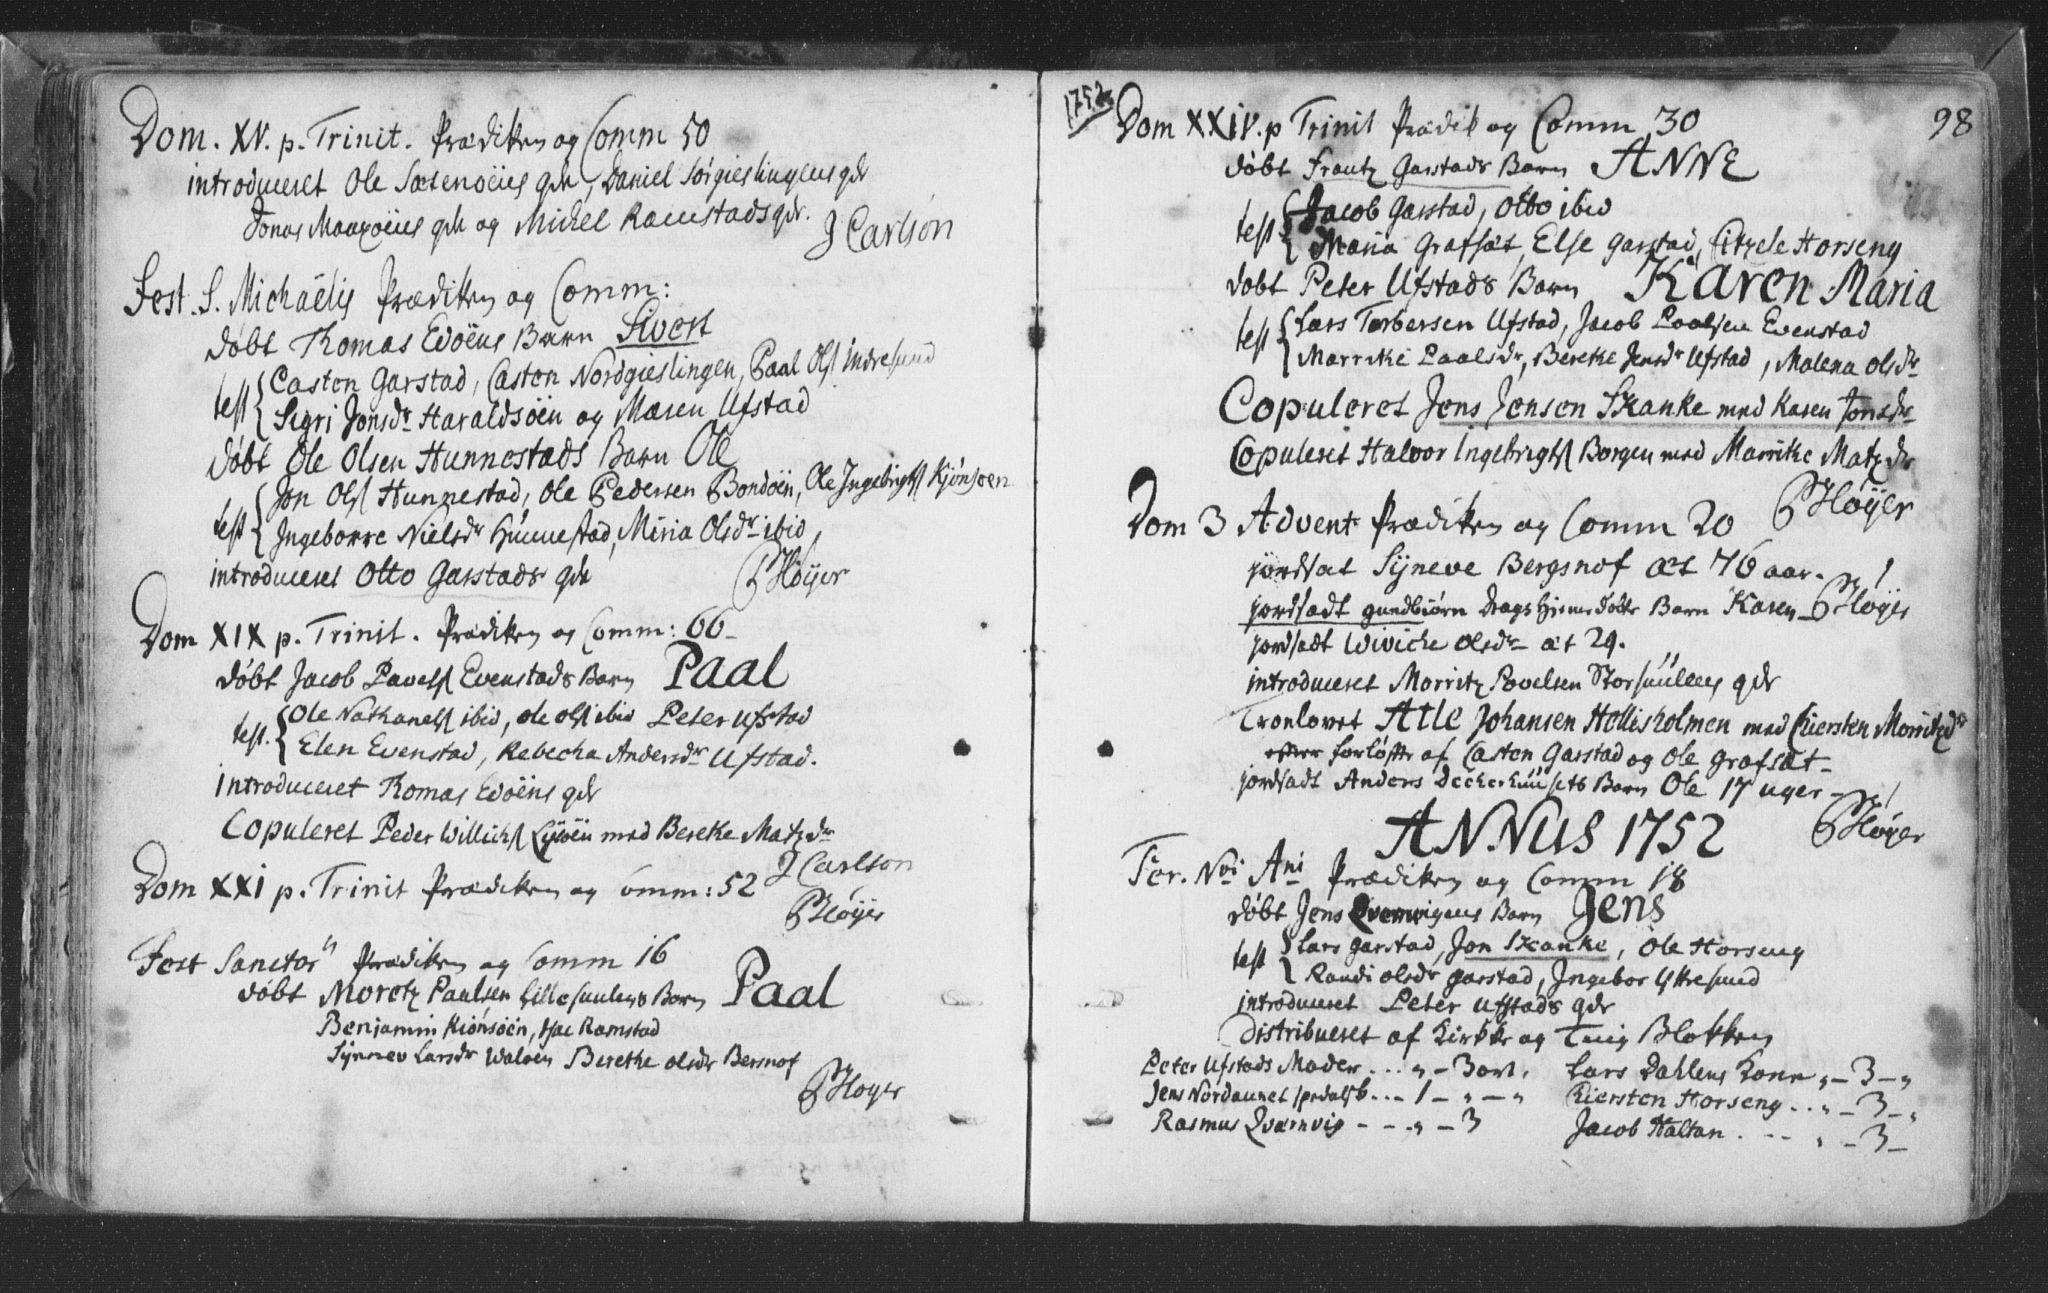 SAT, Ministerialprotokoller, klokkerbøker og fødselsregistre - Nord-Trøndelag, 786/L0685: Ministerialbok nr. 786A01, 1710-1798, s. 98